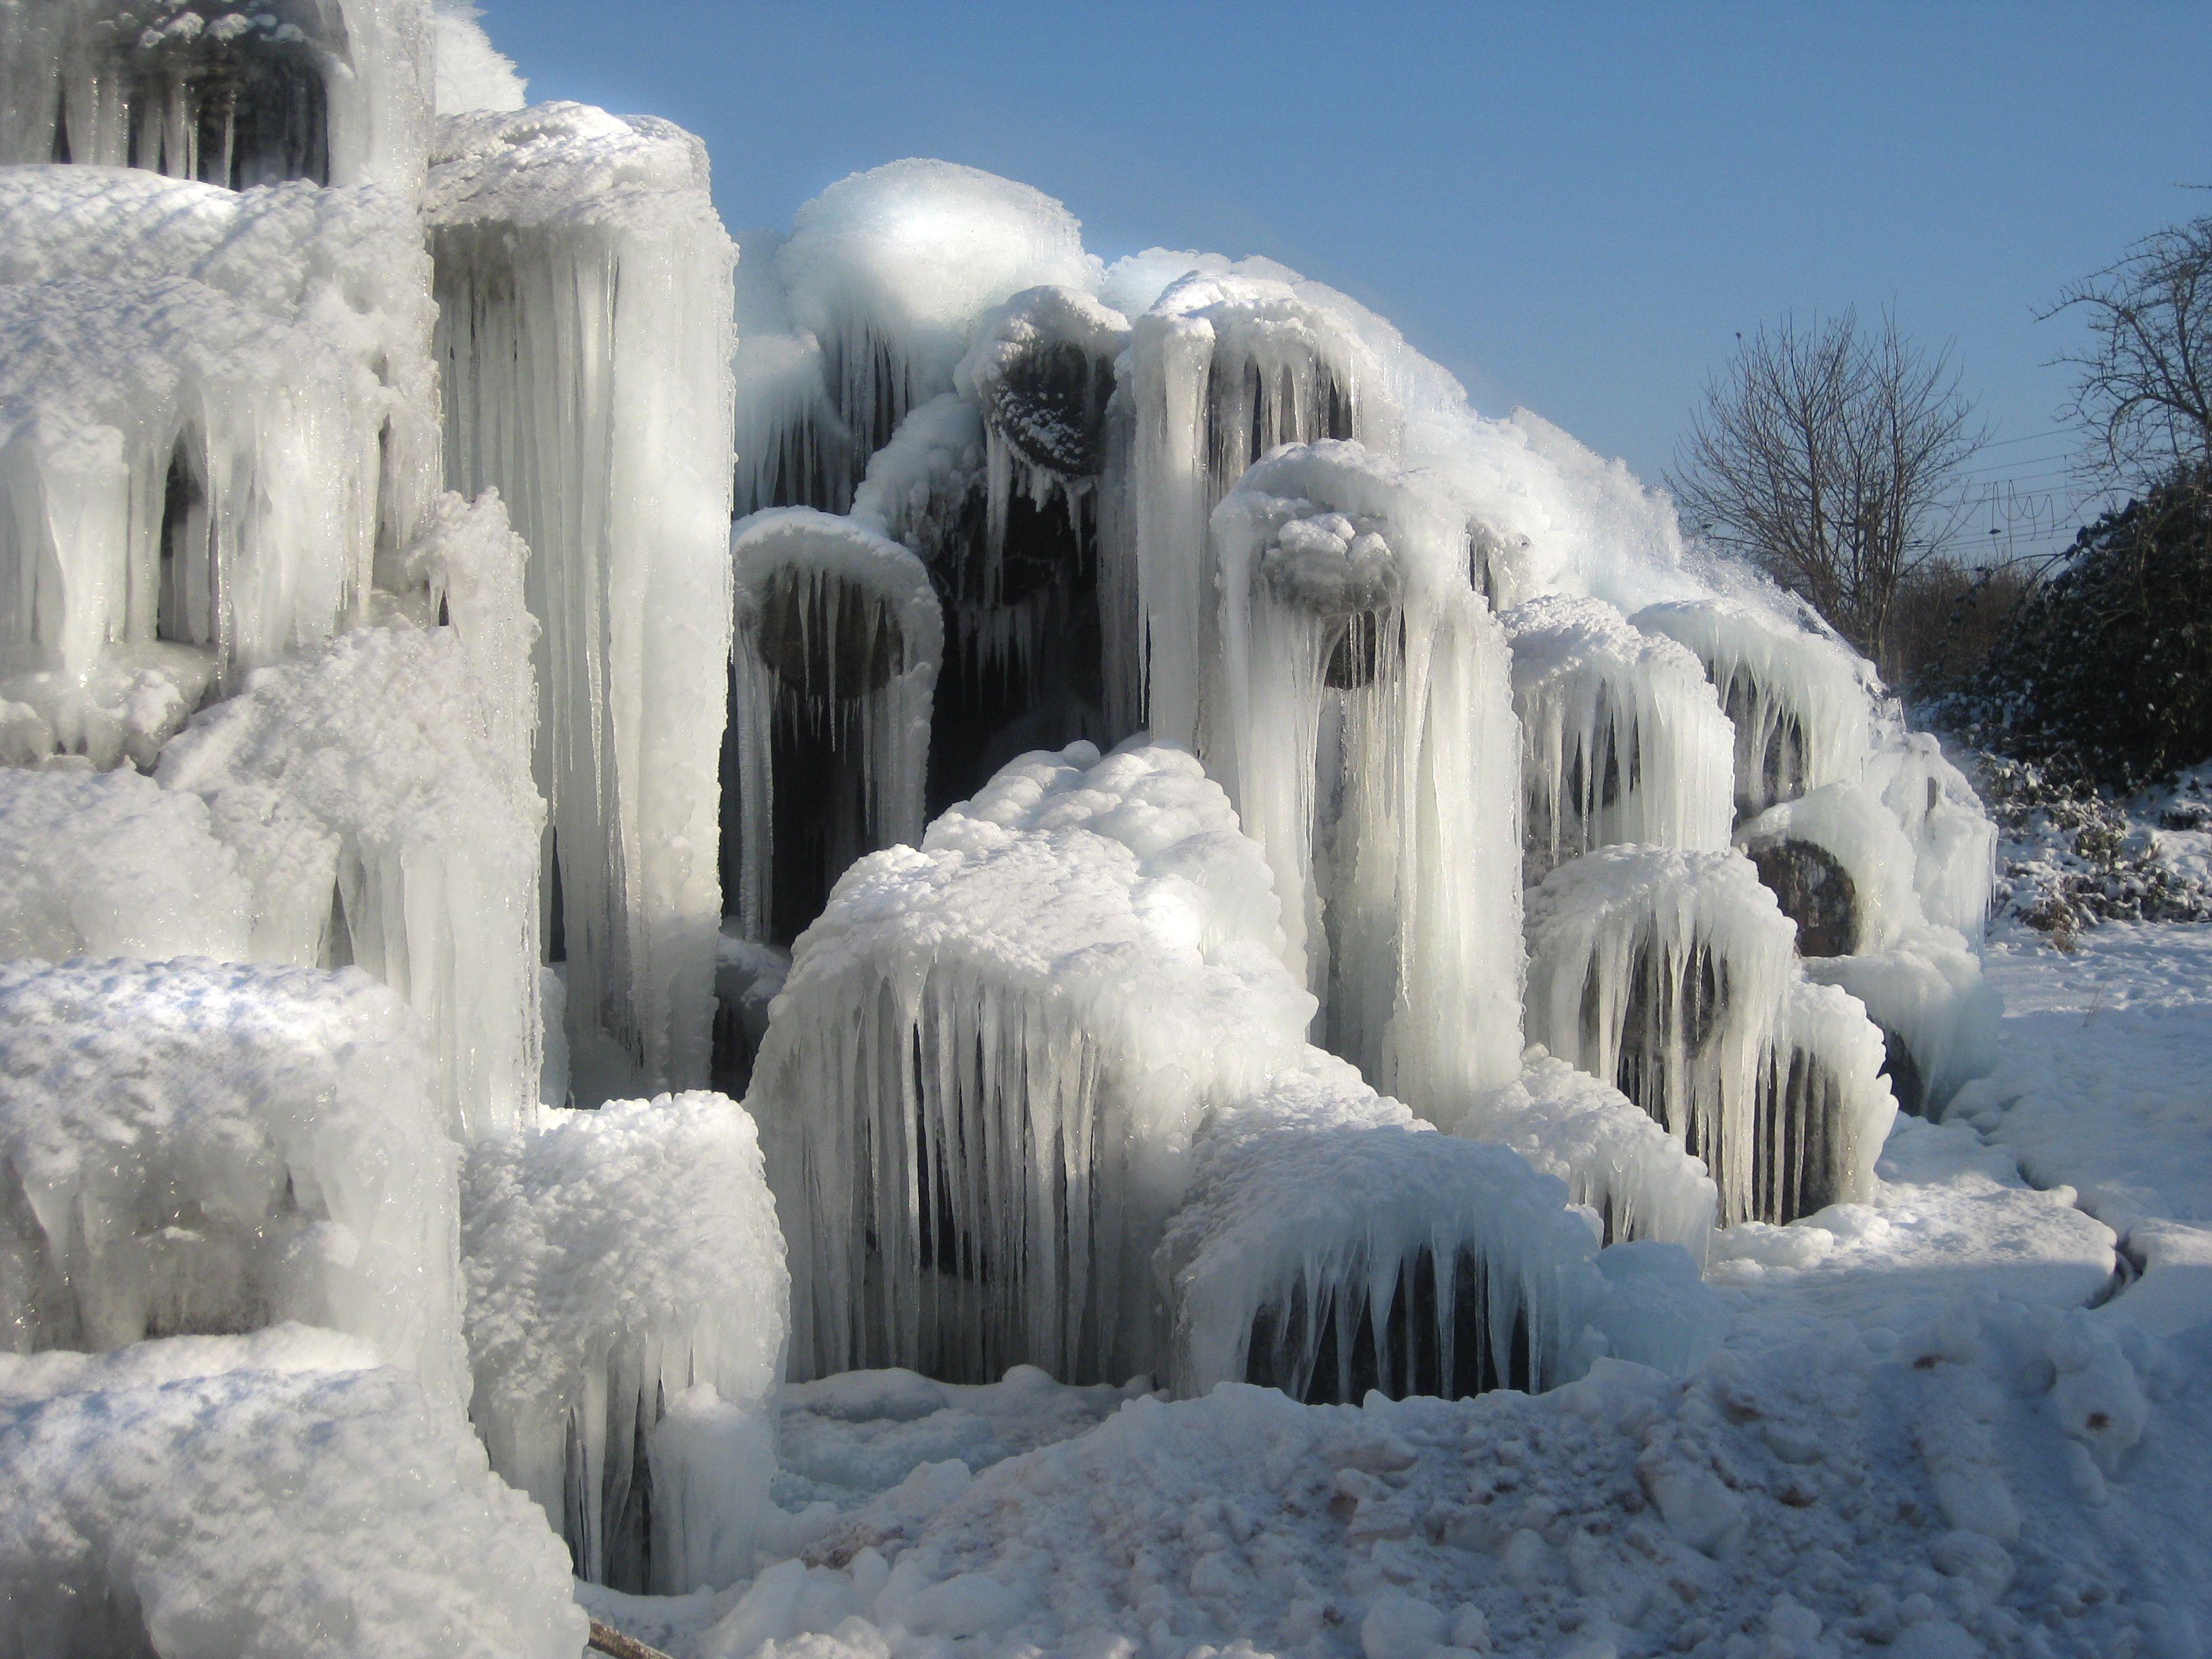 Eislandschaft Im Sagewerk Entstanden Durch Das Besprengen Der